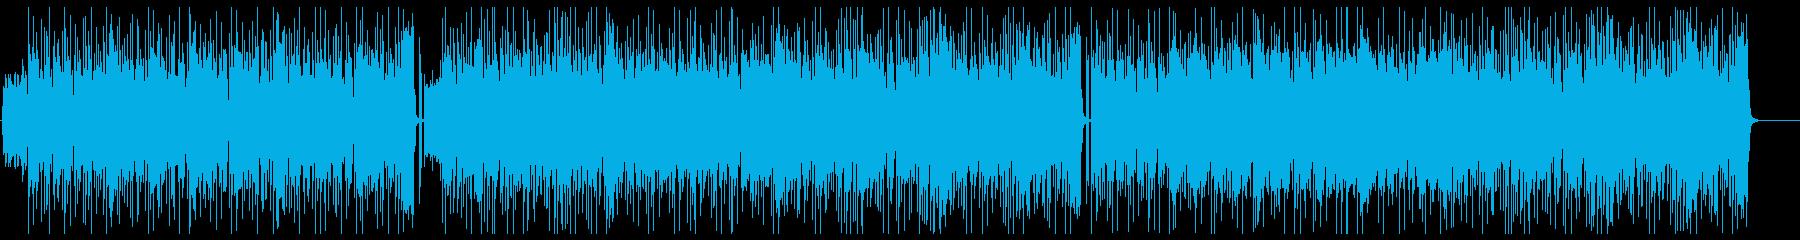 生演奏TP。ちょっと懐かしいEDN的。の再生済みの波形